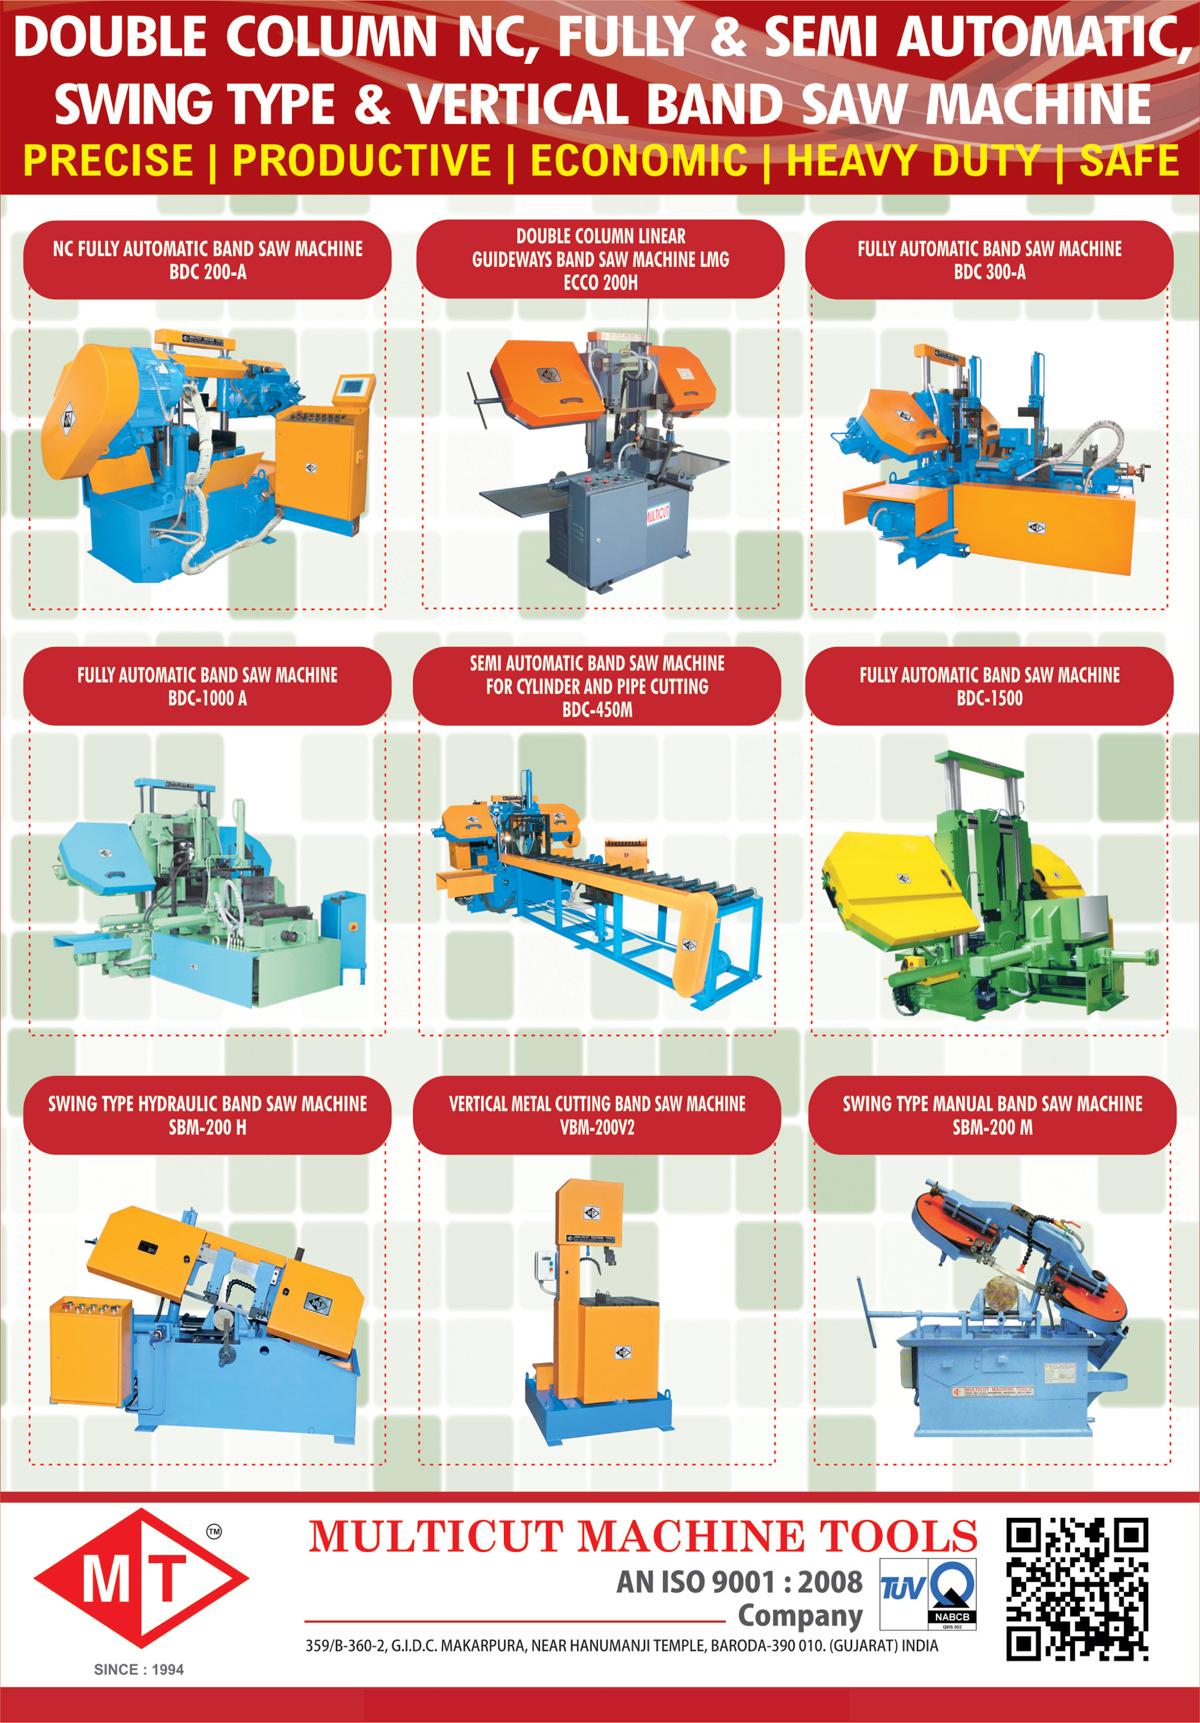 Bandsaw Machines,CNC Machines, Band Saw Machines, Swing Machines